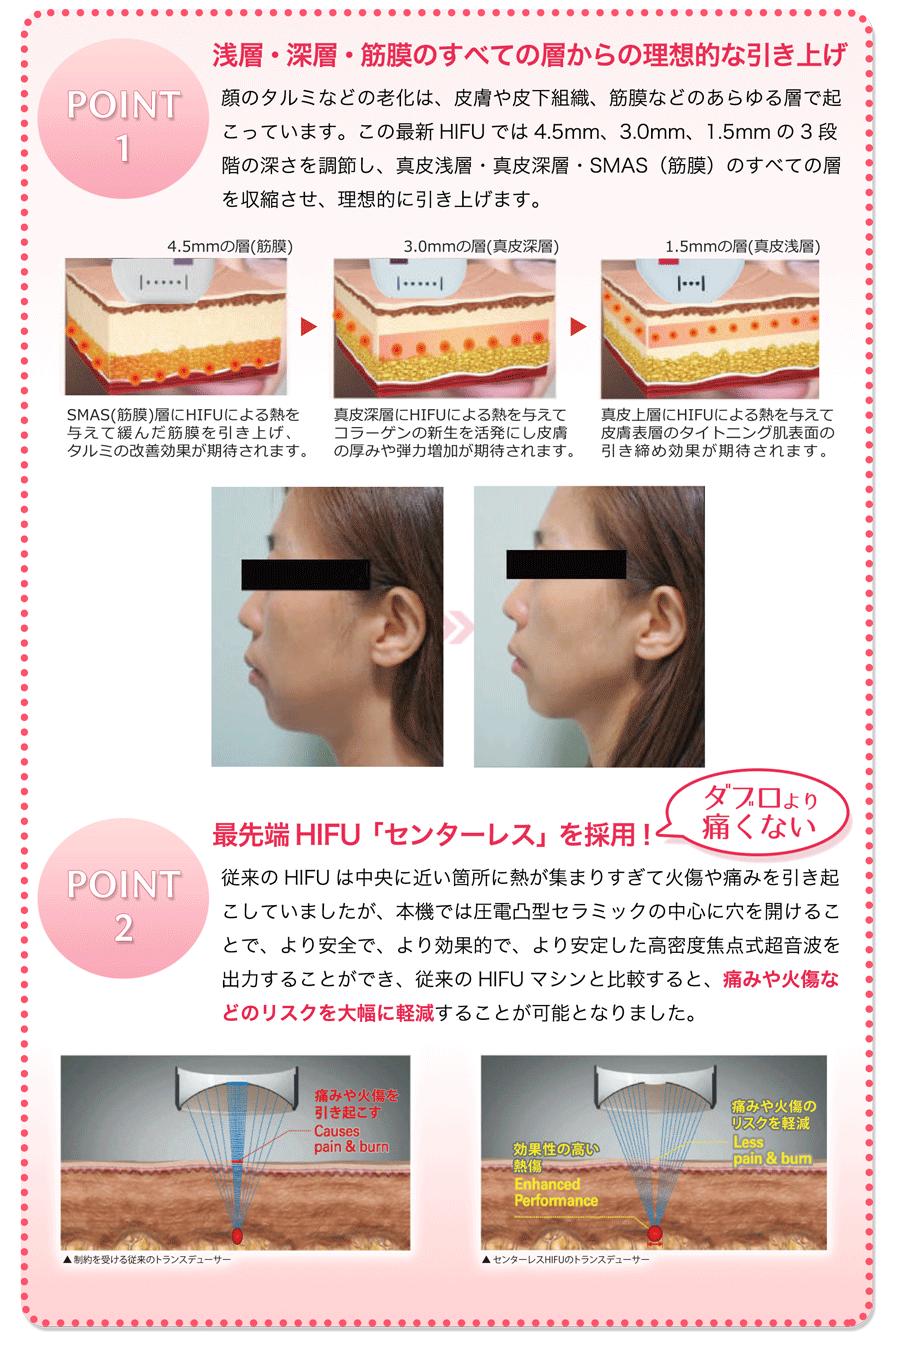 POINT1 浅層・深層・筋膜のすべての層からの理想的な引き上げ 顔のタルミなどの老化は、皮膚や皮下組織、筋膜などのあらゆる層で起こっています。この最新HIFUでは4.5mm、3.0mm、1.5mmの3段階の深さを調節し、真皮浅層・真皮深層・SMAS(筋膜)のすべての層を収縮させ、理想的に引き上げます。 最先端HIFU「センターレス」を採用! ダブロより 痛くない 従来のHIFUは中央に近い箇所に熱が集まりすぎて火傷や痛みを引き起こしていましたが、本機では圧電凸型セラミックの中心に穴を開けることで、より安全で、より効果的で、より安定した高密度焦点式超音波を出力することができ、従来のHIFUマシンと比較すると、痛みや火傷などのリスクを大幅に軽減することが可能となりました。